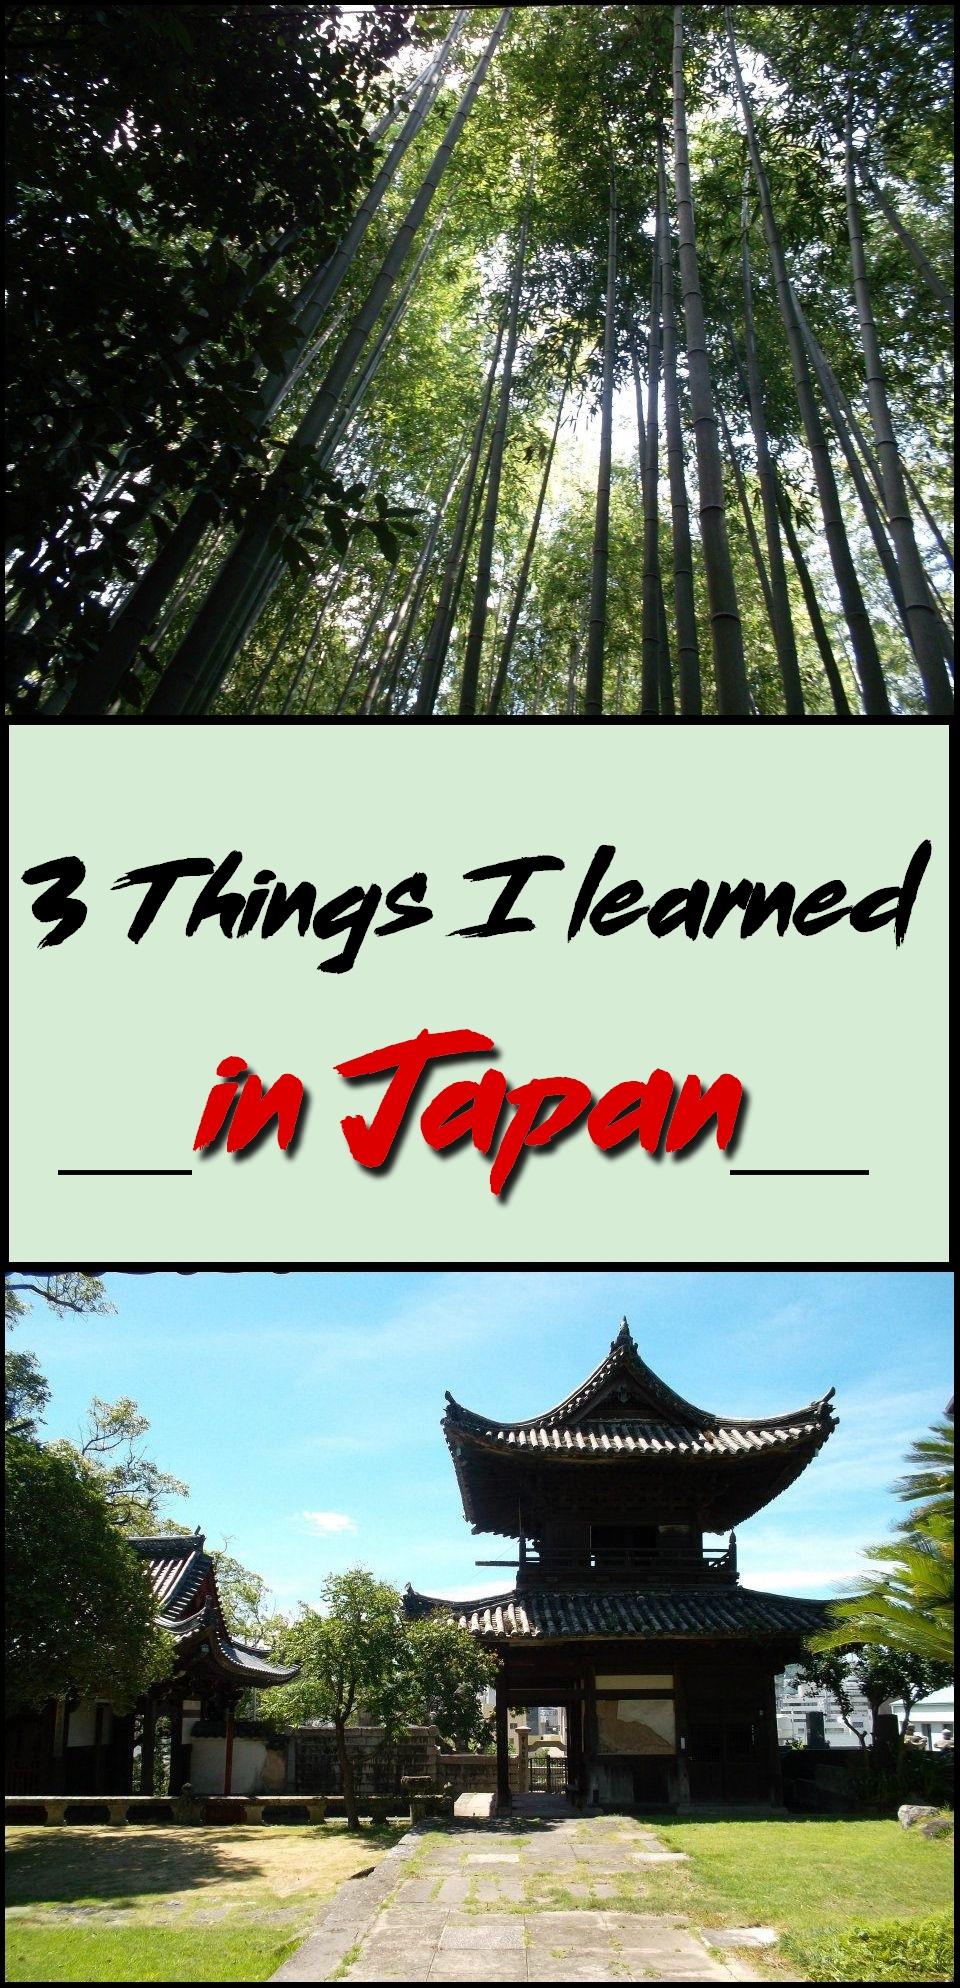 Japan 3 things